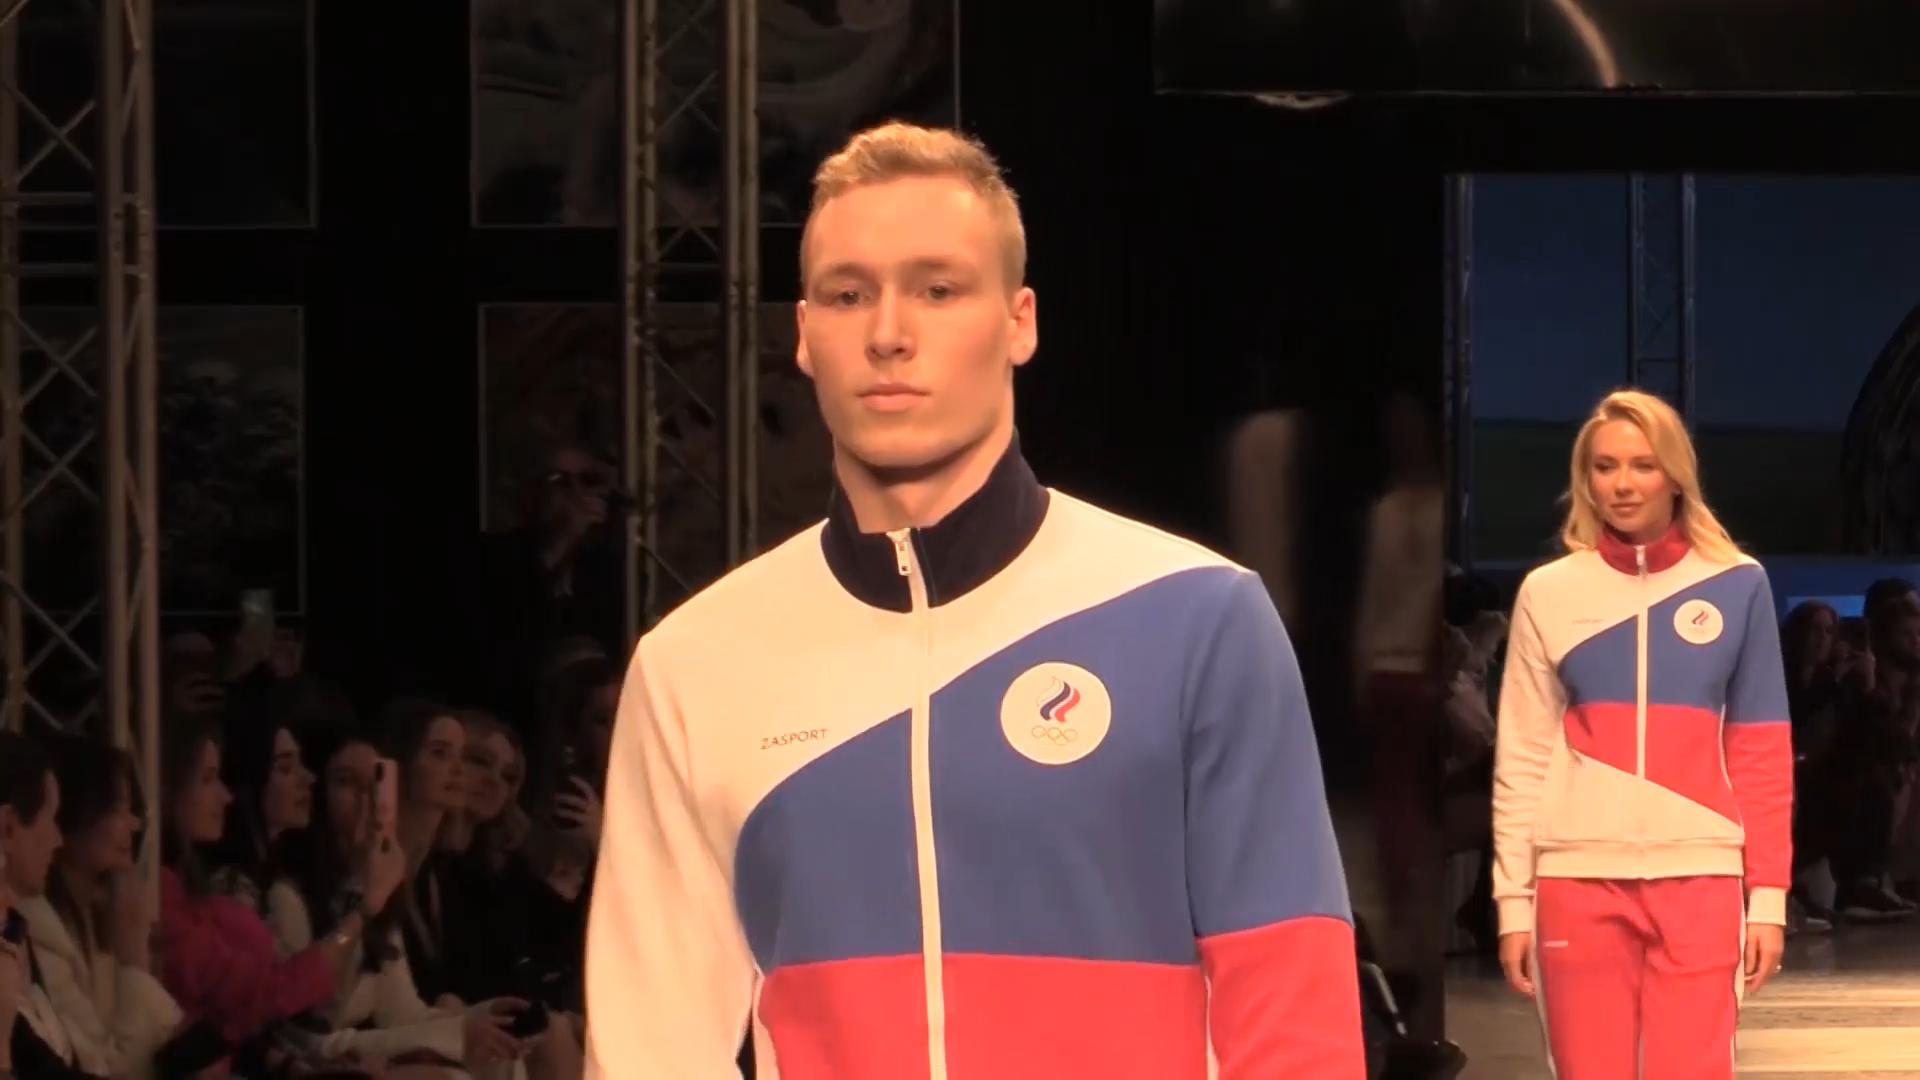 В Москве презентовали форму олимпийской сборной России для Токио-2020 — видео